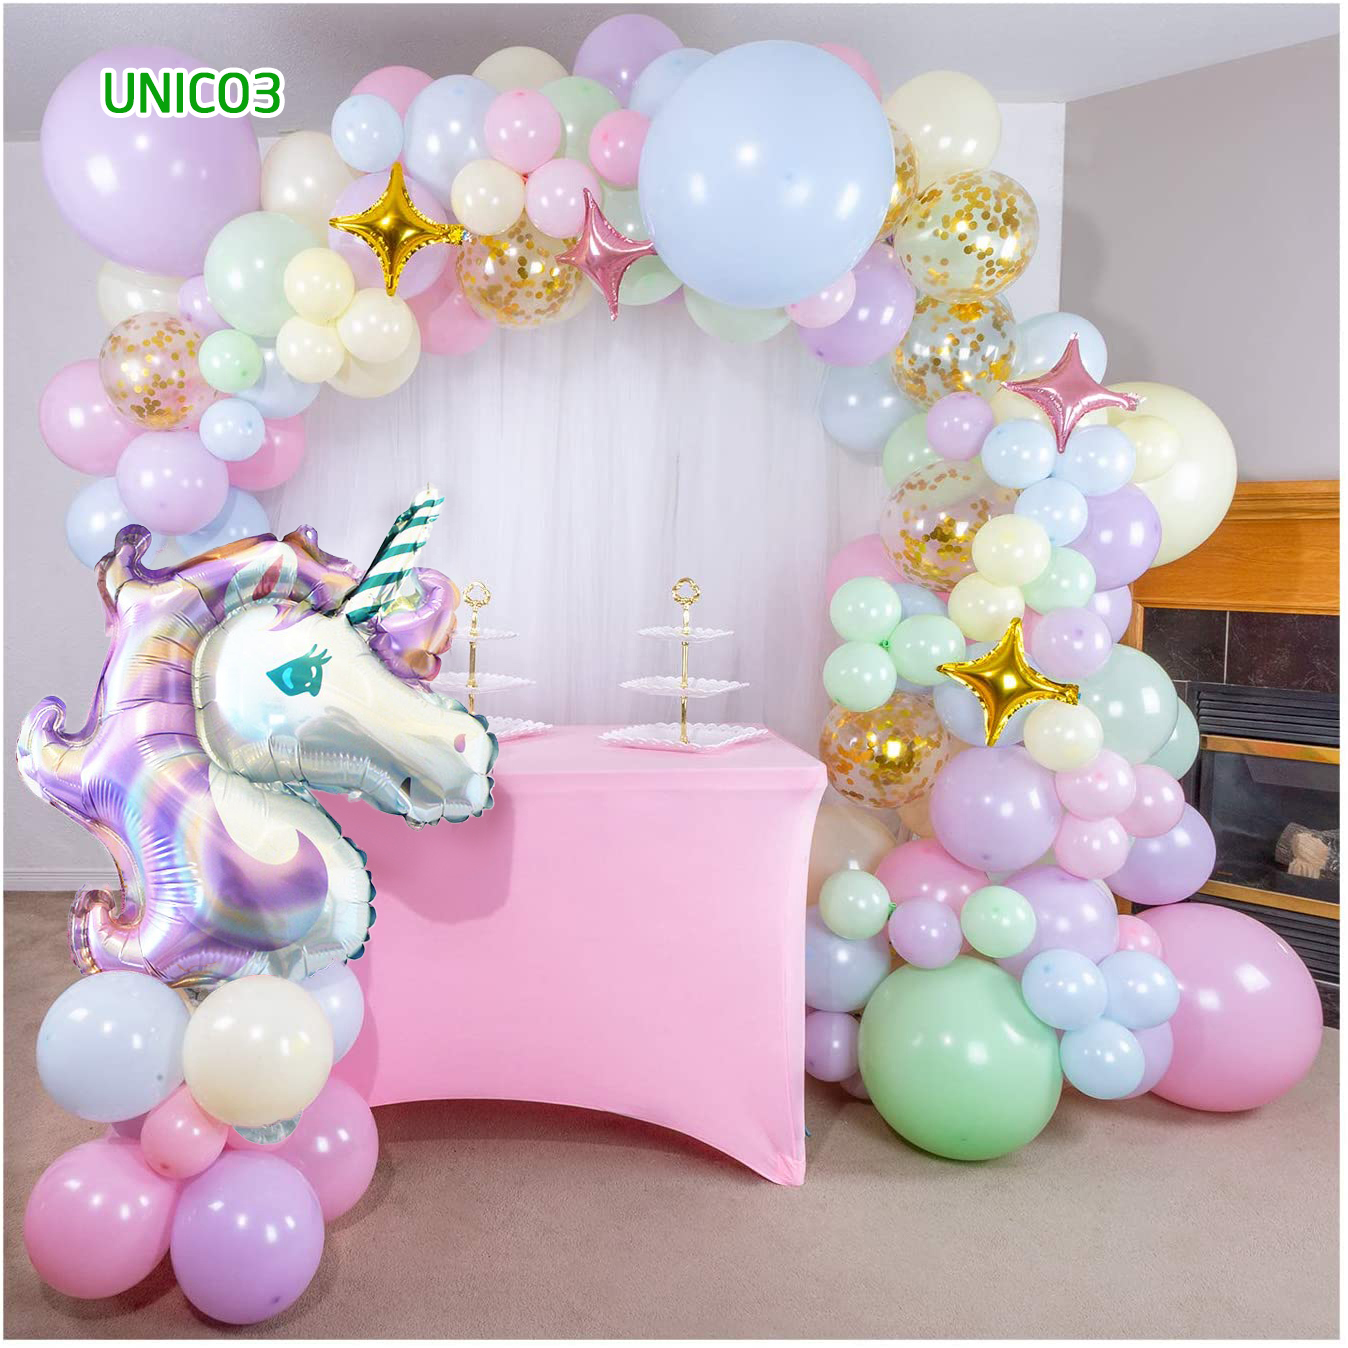 Set bóng trang trí sinh nhật ngựa Pony UNICO3